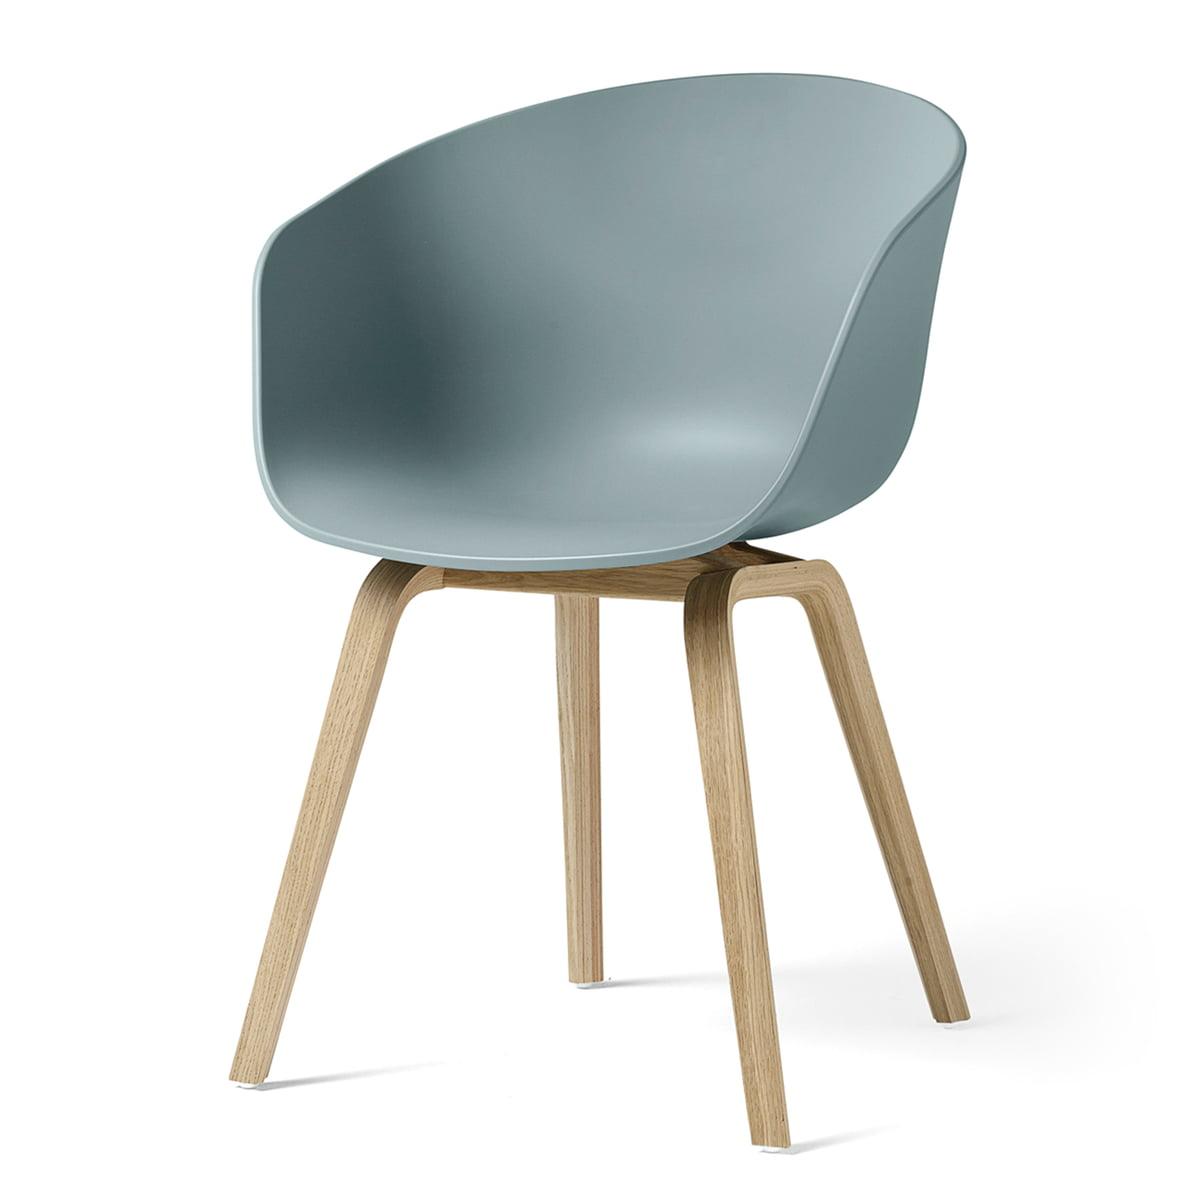 Hay - About A Chair AAC 22, structure quatre pieds en bois (chêne laqué mat) / dusty blue, patins en feutre